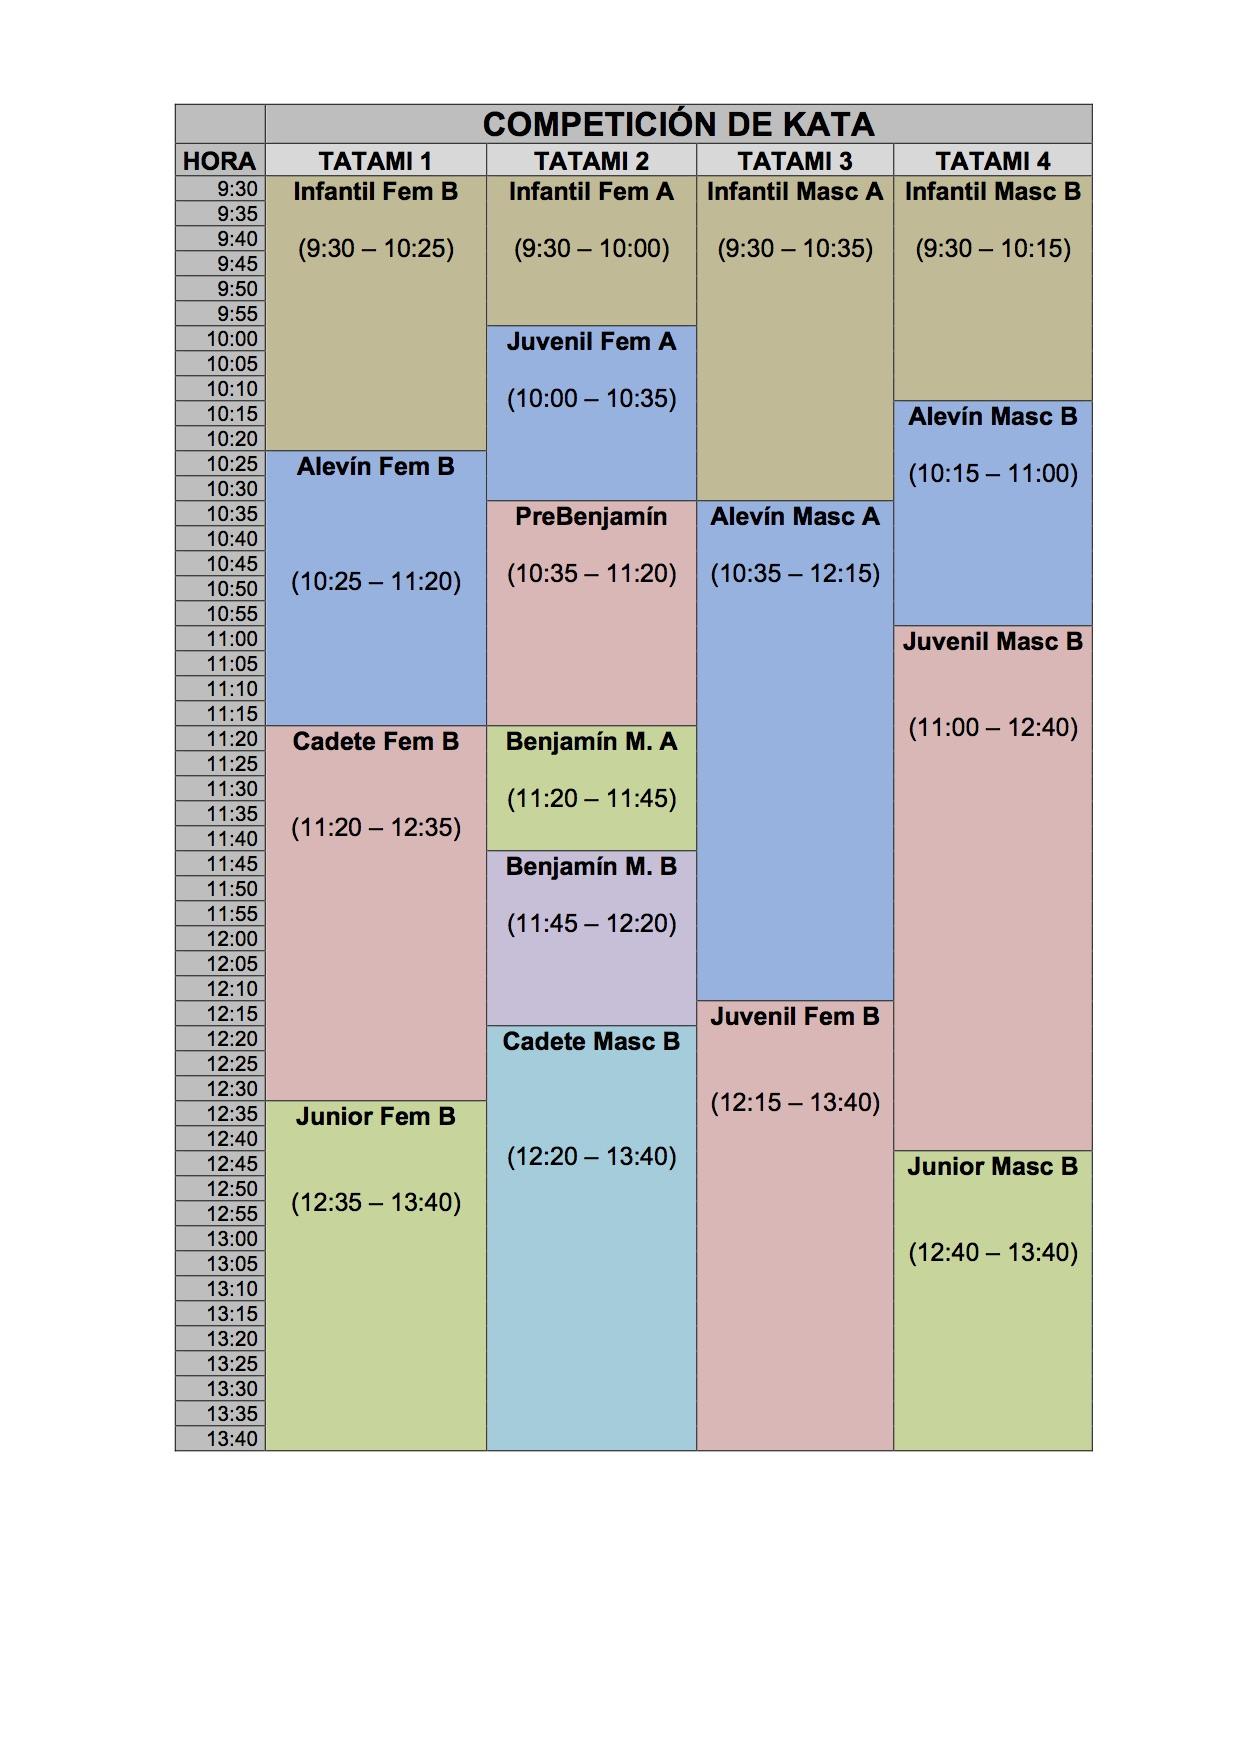 horarios-provisionales-de-competicion-kata